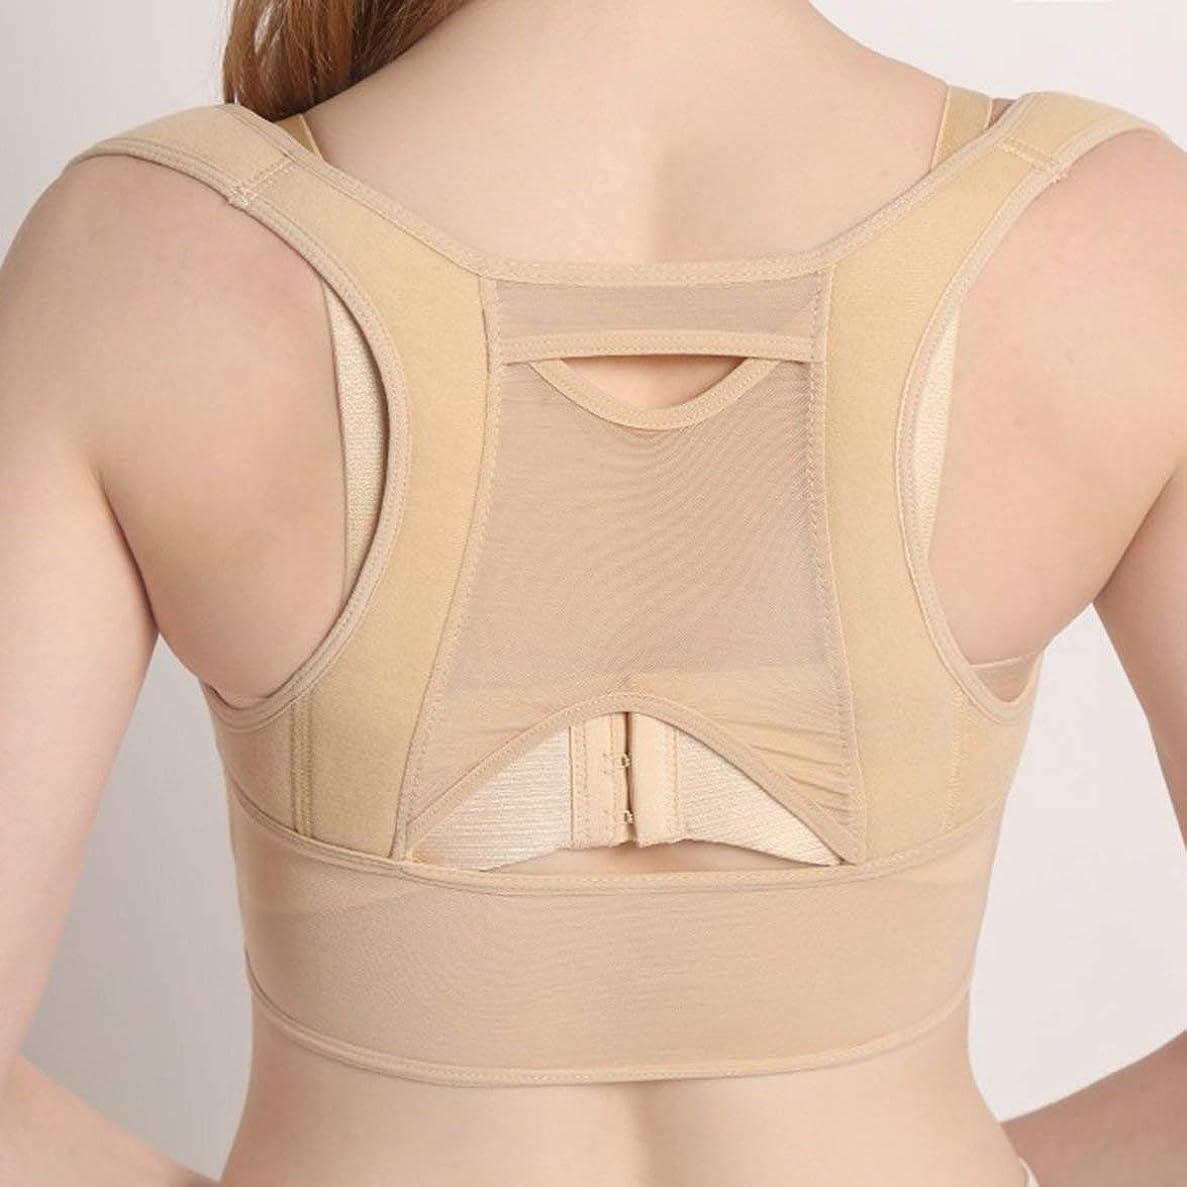 ズームあらゆる種類の分析的なインターコアリーボディーコレクション 女性背部姿勢矯正コルセット整形外科肩こり脊椎姿勢矯正腰椎サポート